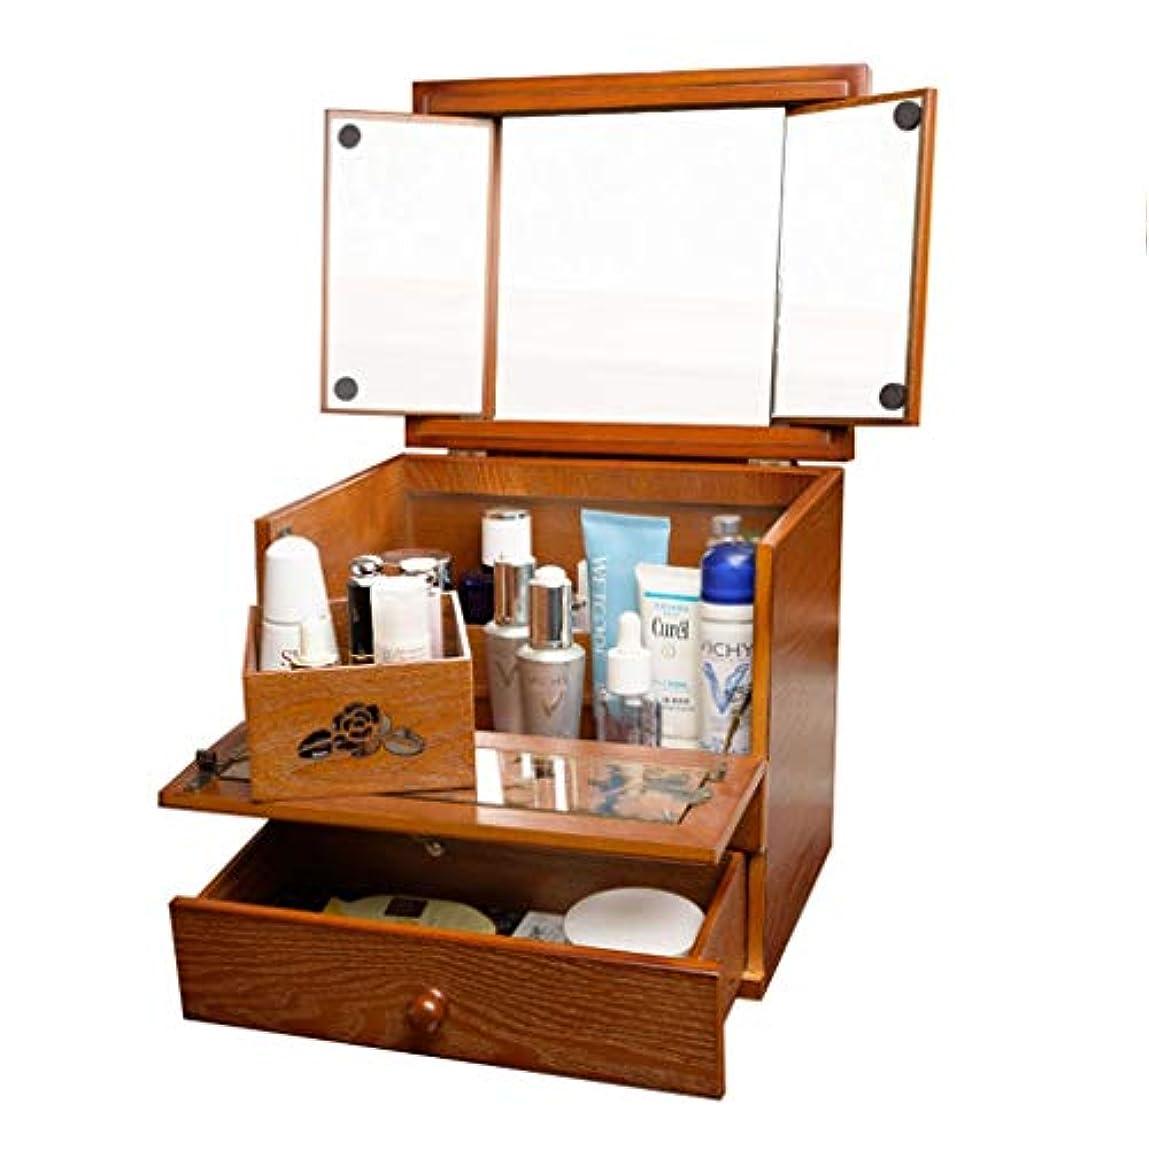 ゴールデン休憩活性化家庭用化粧品収納ボックス木製大容量化粧品ボックス小さな化粧台ミラー付き (Color : BROWN, Size : 27.5X22.5X32.5CM)